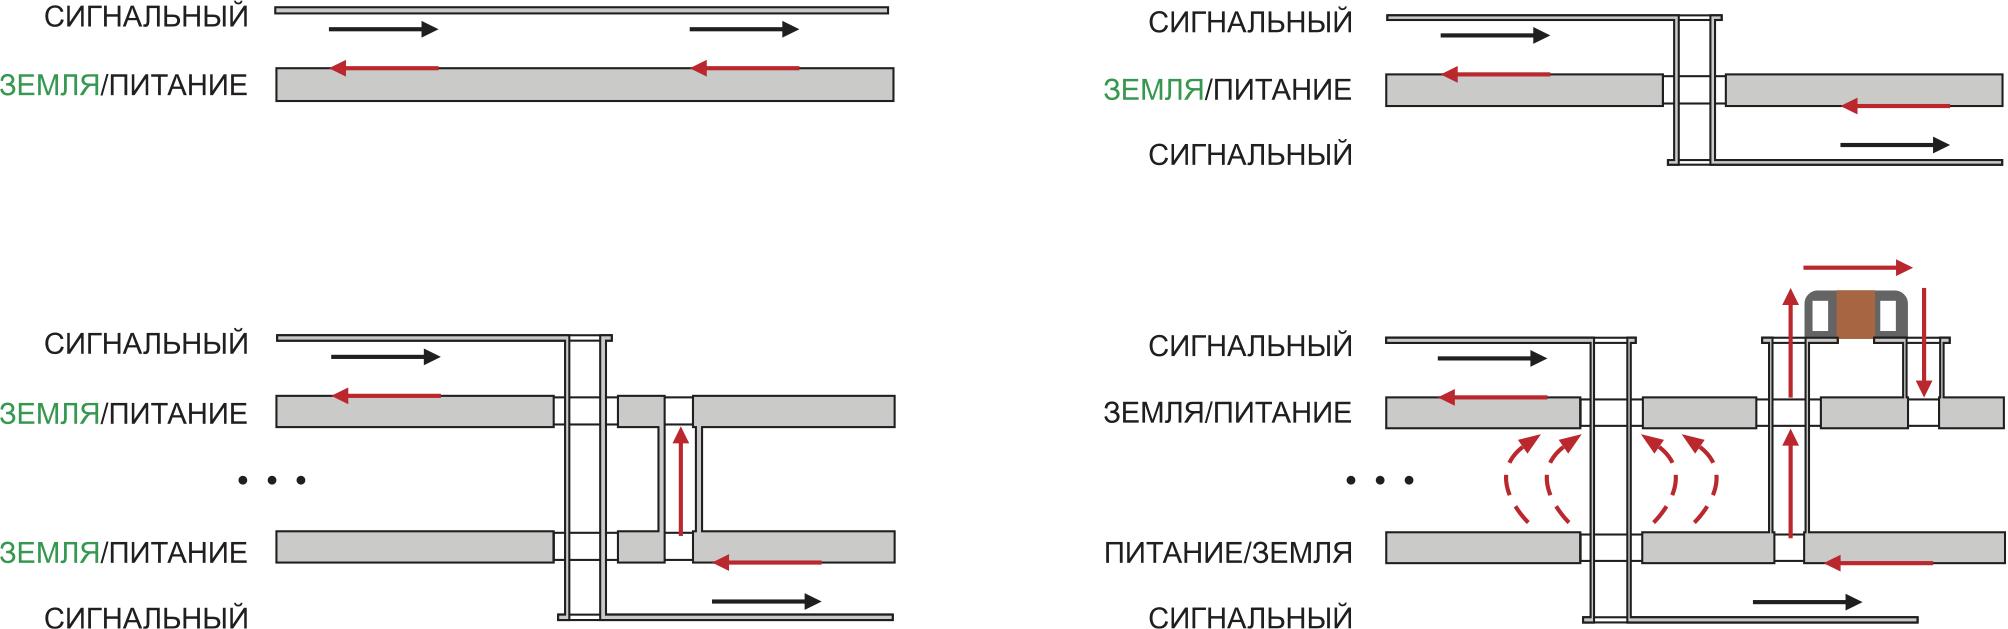 Путь возвратного тока (красные стрелки) при смене сигнального слоя при различных вариантах расположения опорных слоев